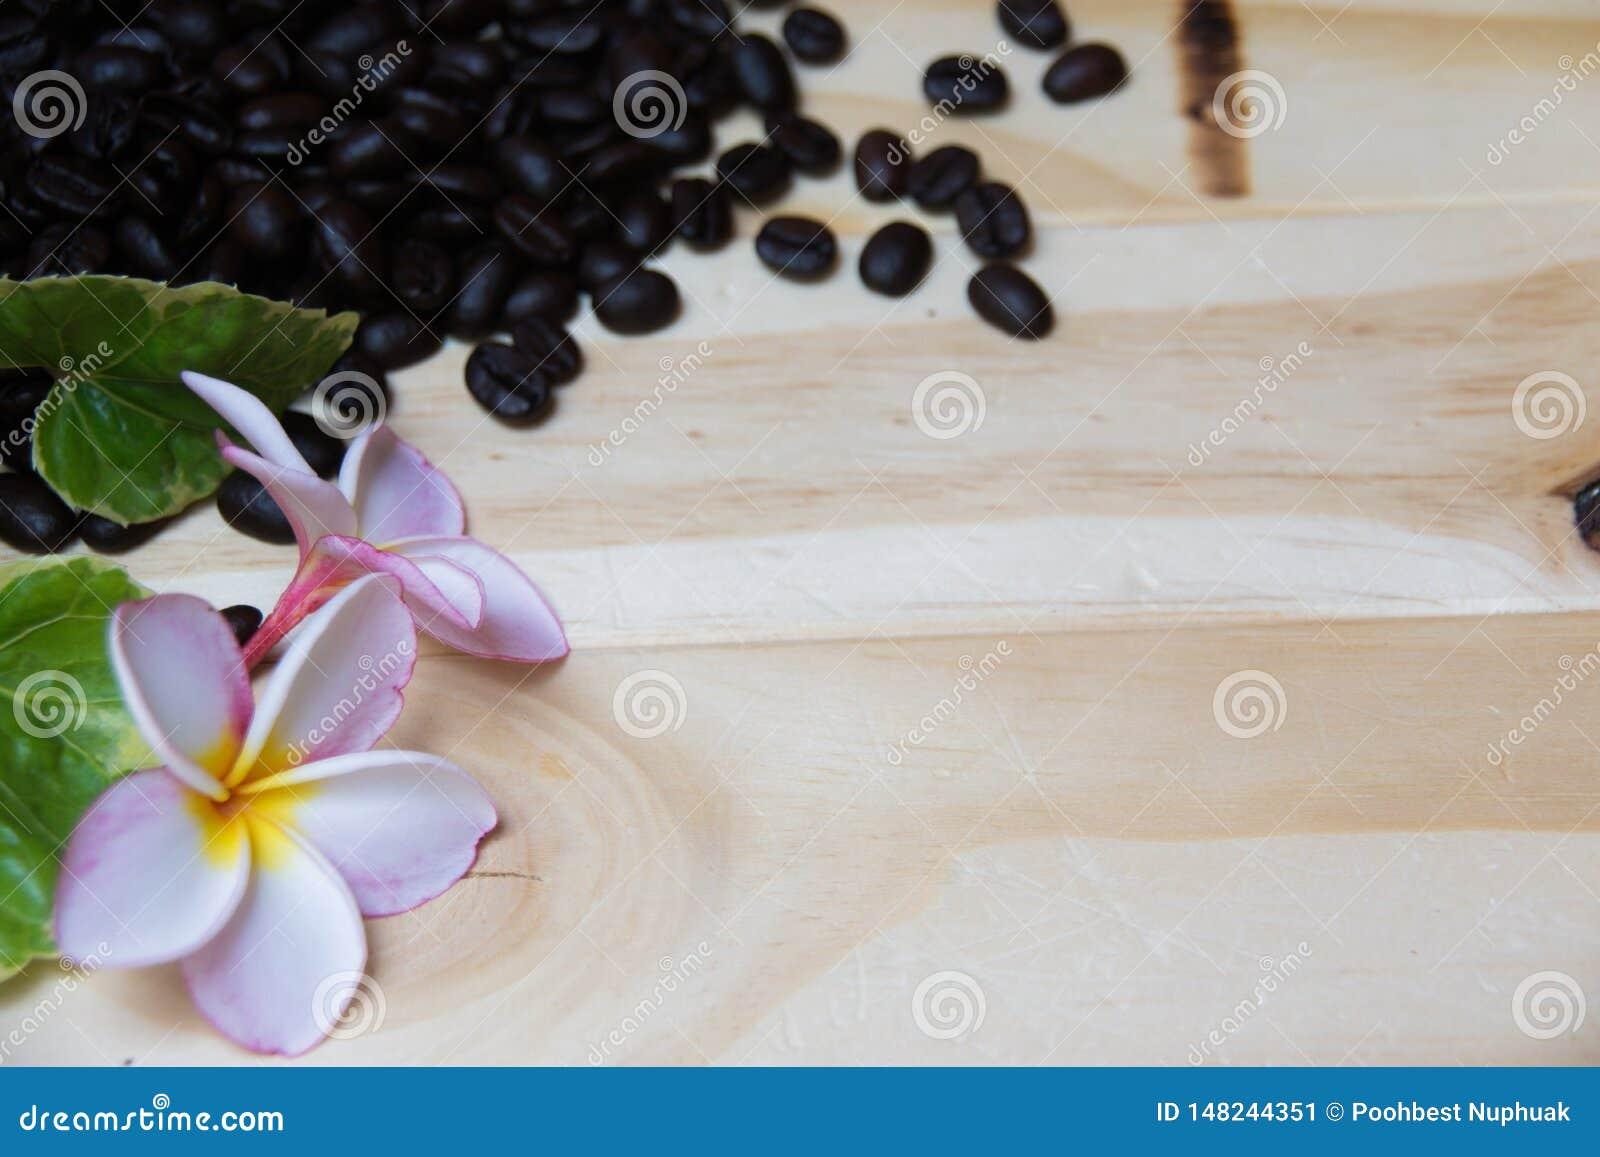 Drewniany tło Dekorujący z kawowymi fasolami, frangipani kwiatami i liśćmi,